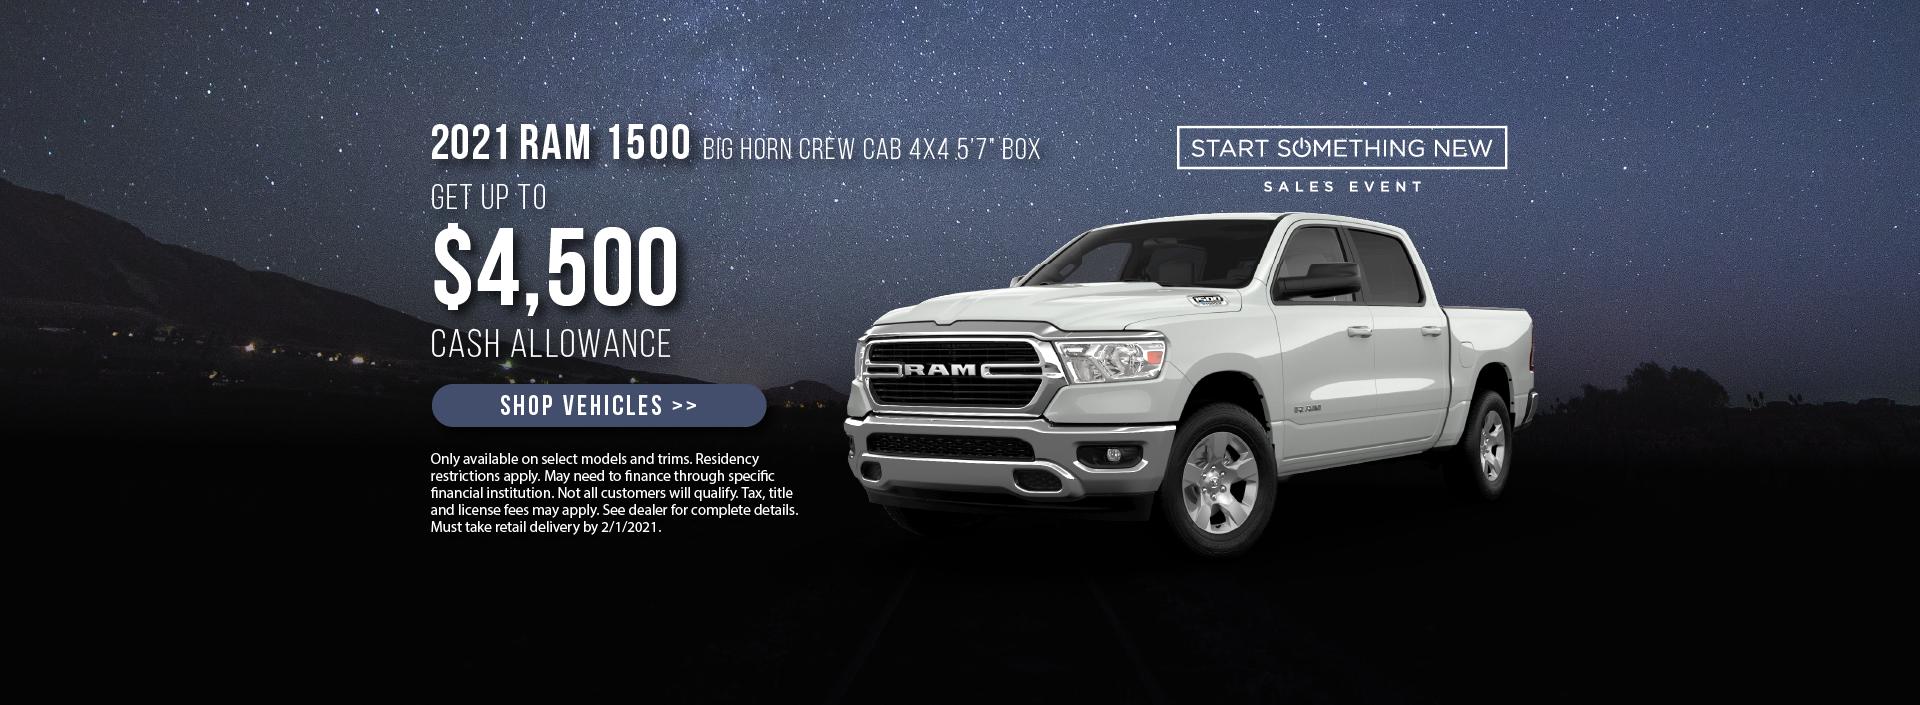 2021 Ram 1500 Offer